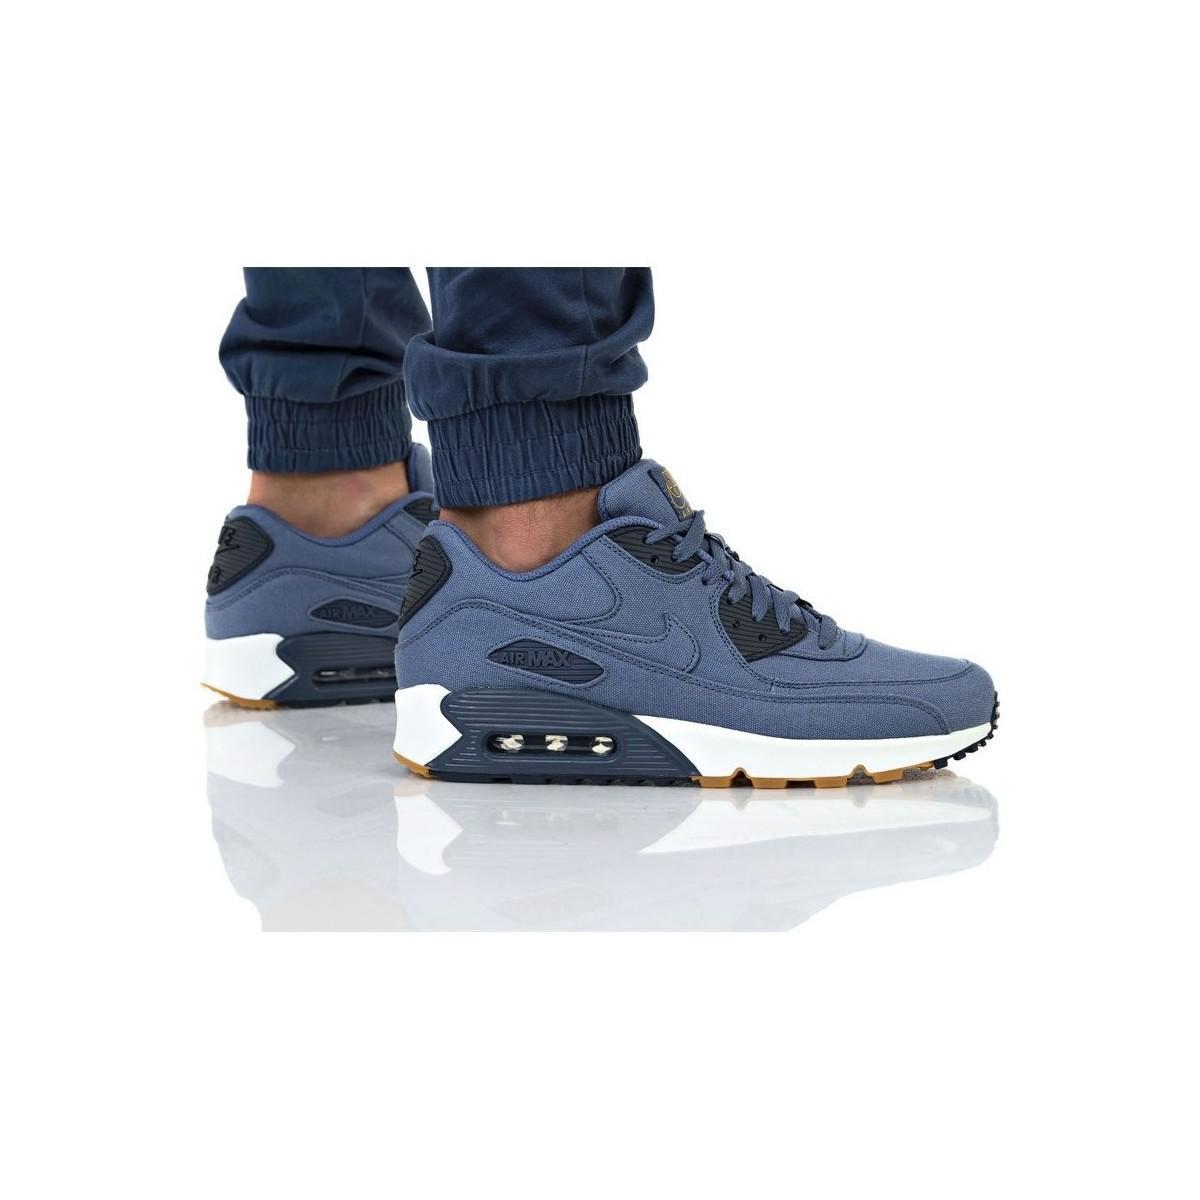 Air Max 90 Txt hommes Chaussures en Bleu Nike pour homme en ...